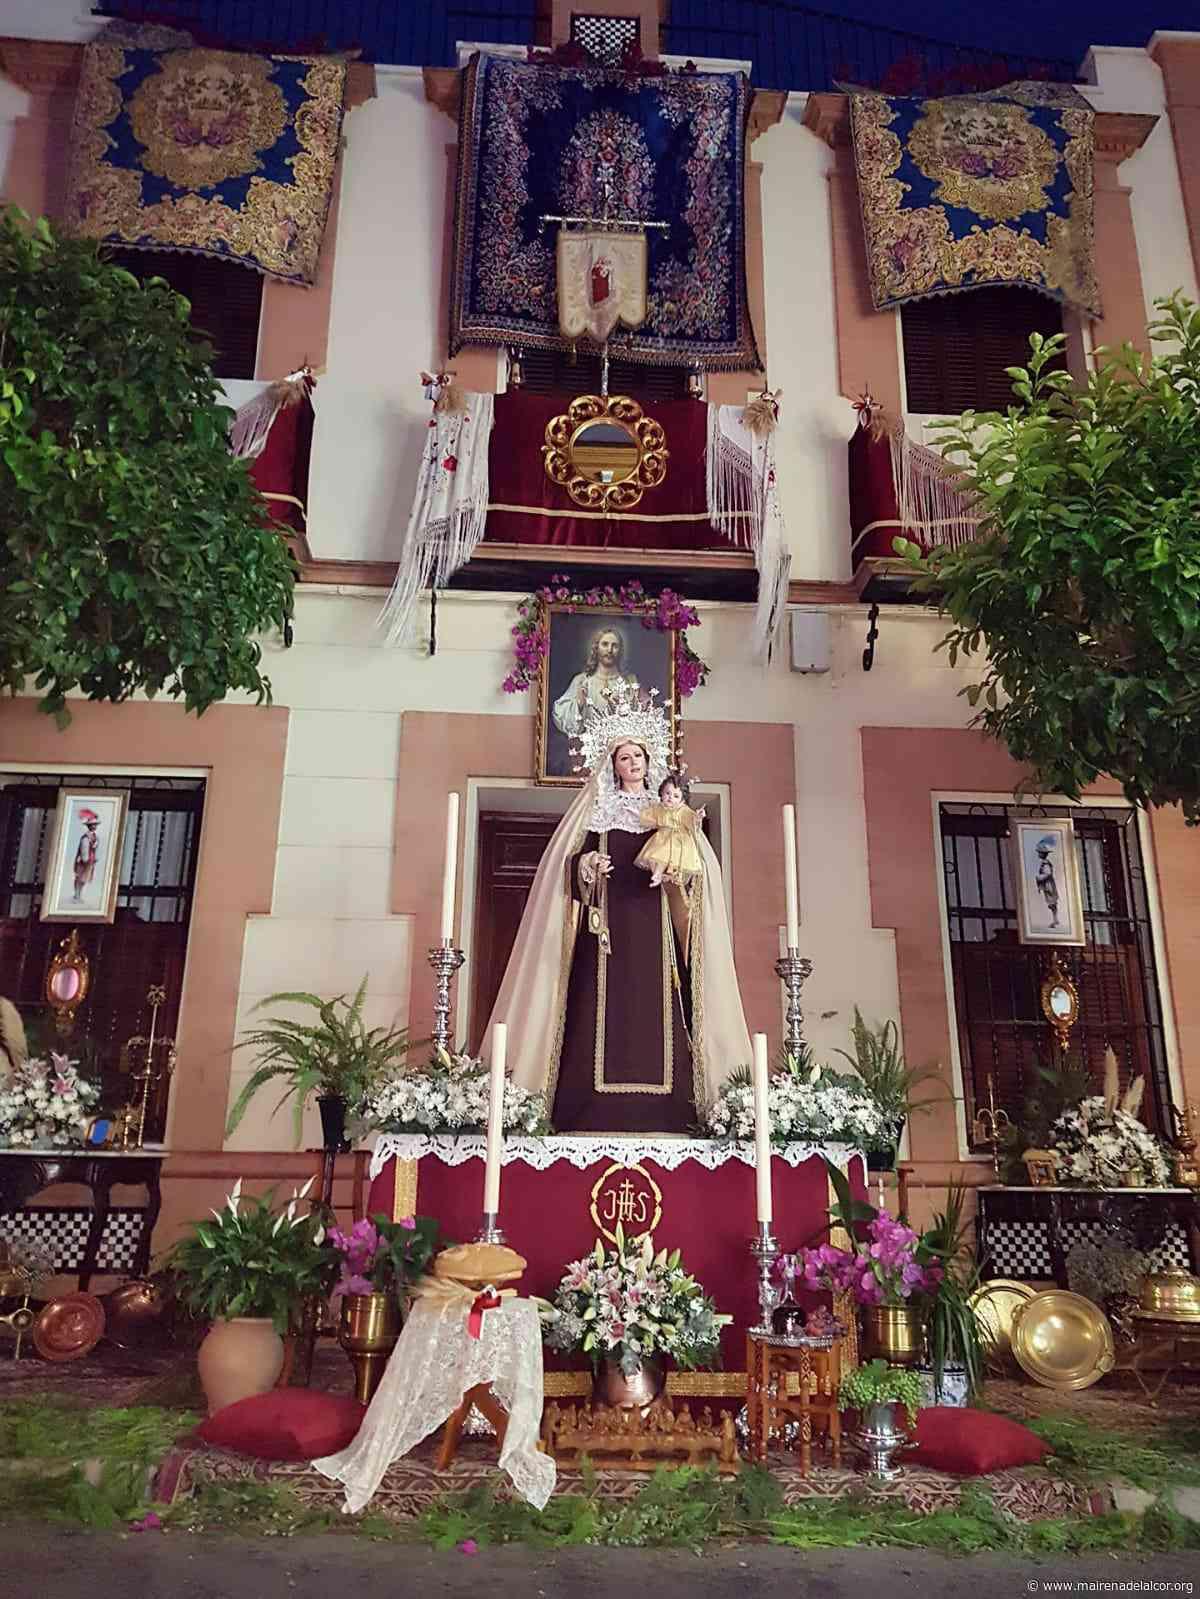 BASES DEL II CONCURSO DE ESCAPARATES Y BALCONES CORPUS CHRISTI 2020 - Ayuntamiento de Mairena del Alcor